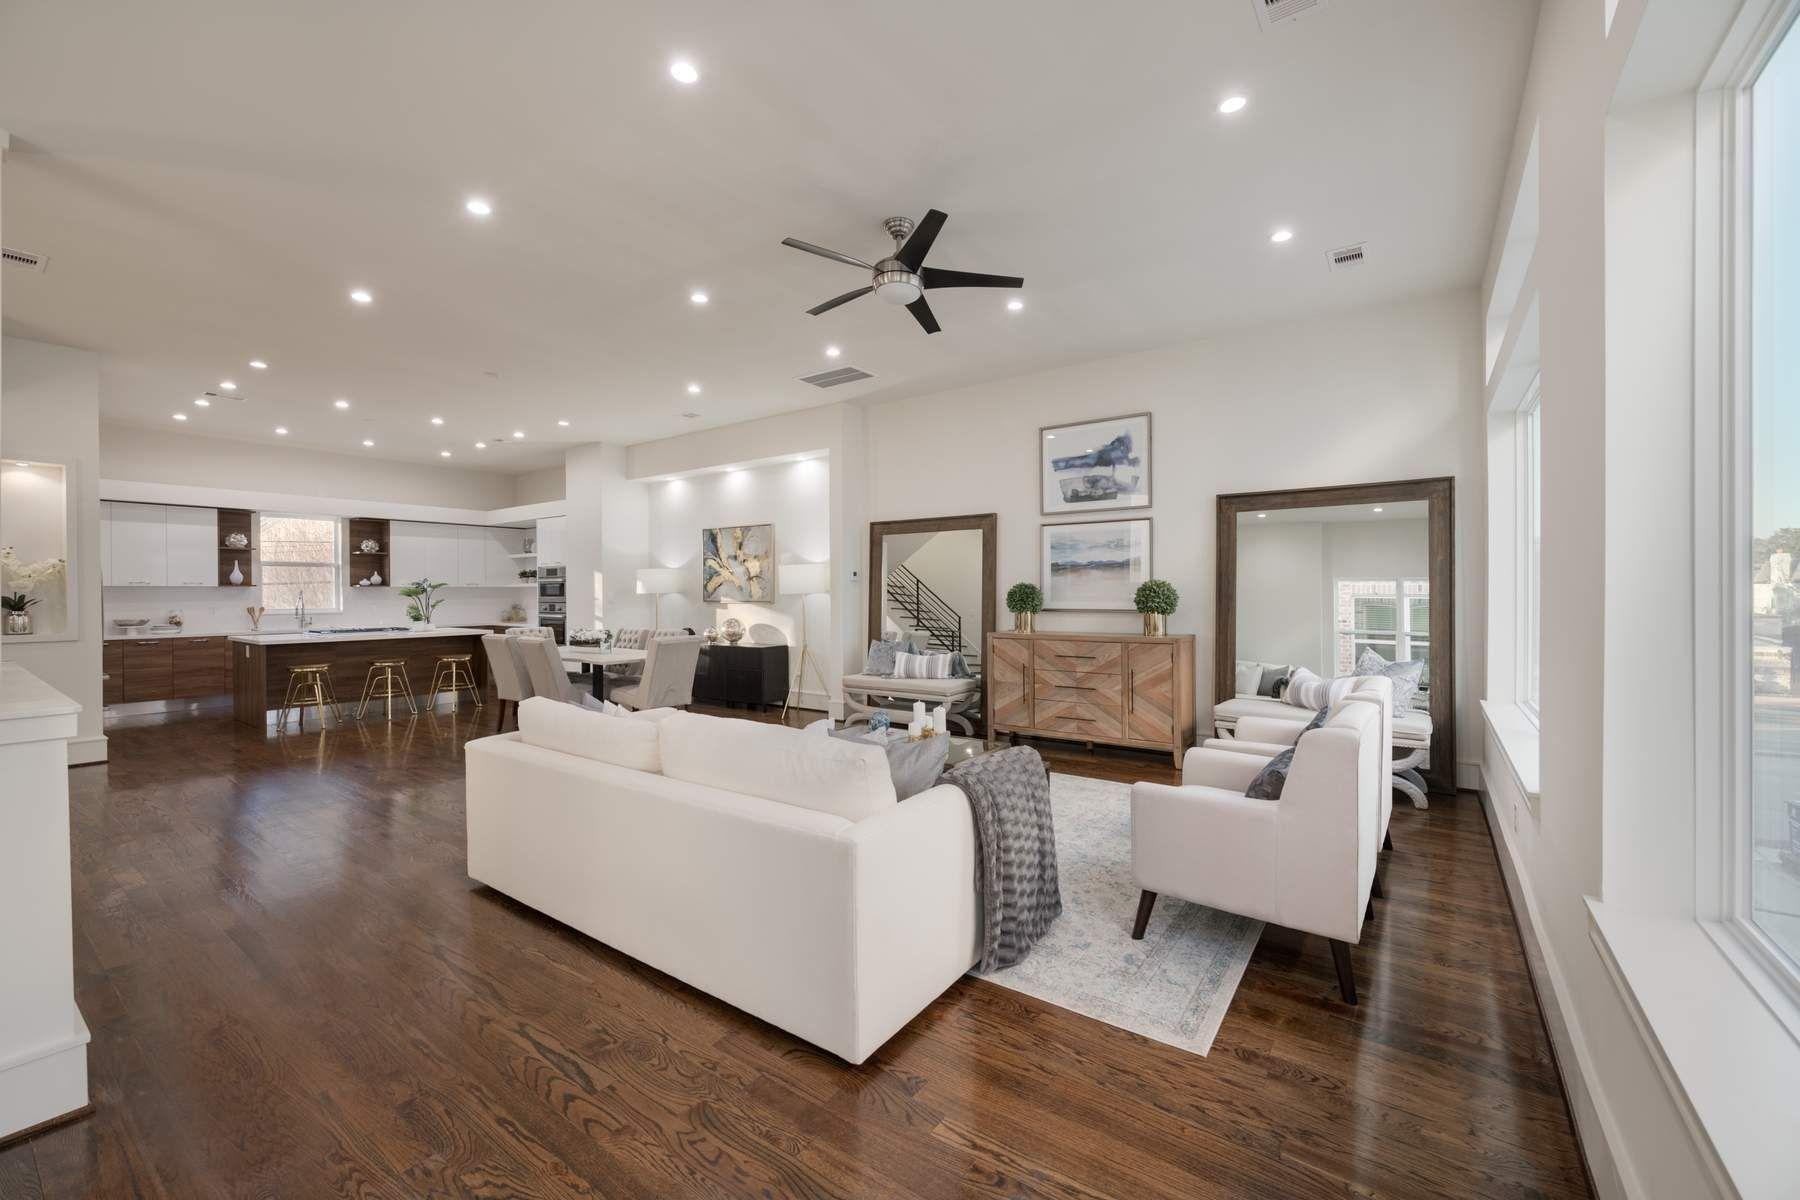 Частный односемейный дом для того Продажа на 6009 San Felipe Unit A Westhaven Estates, Houston, Техас, 77057 Соединенные Штаты